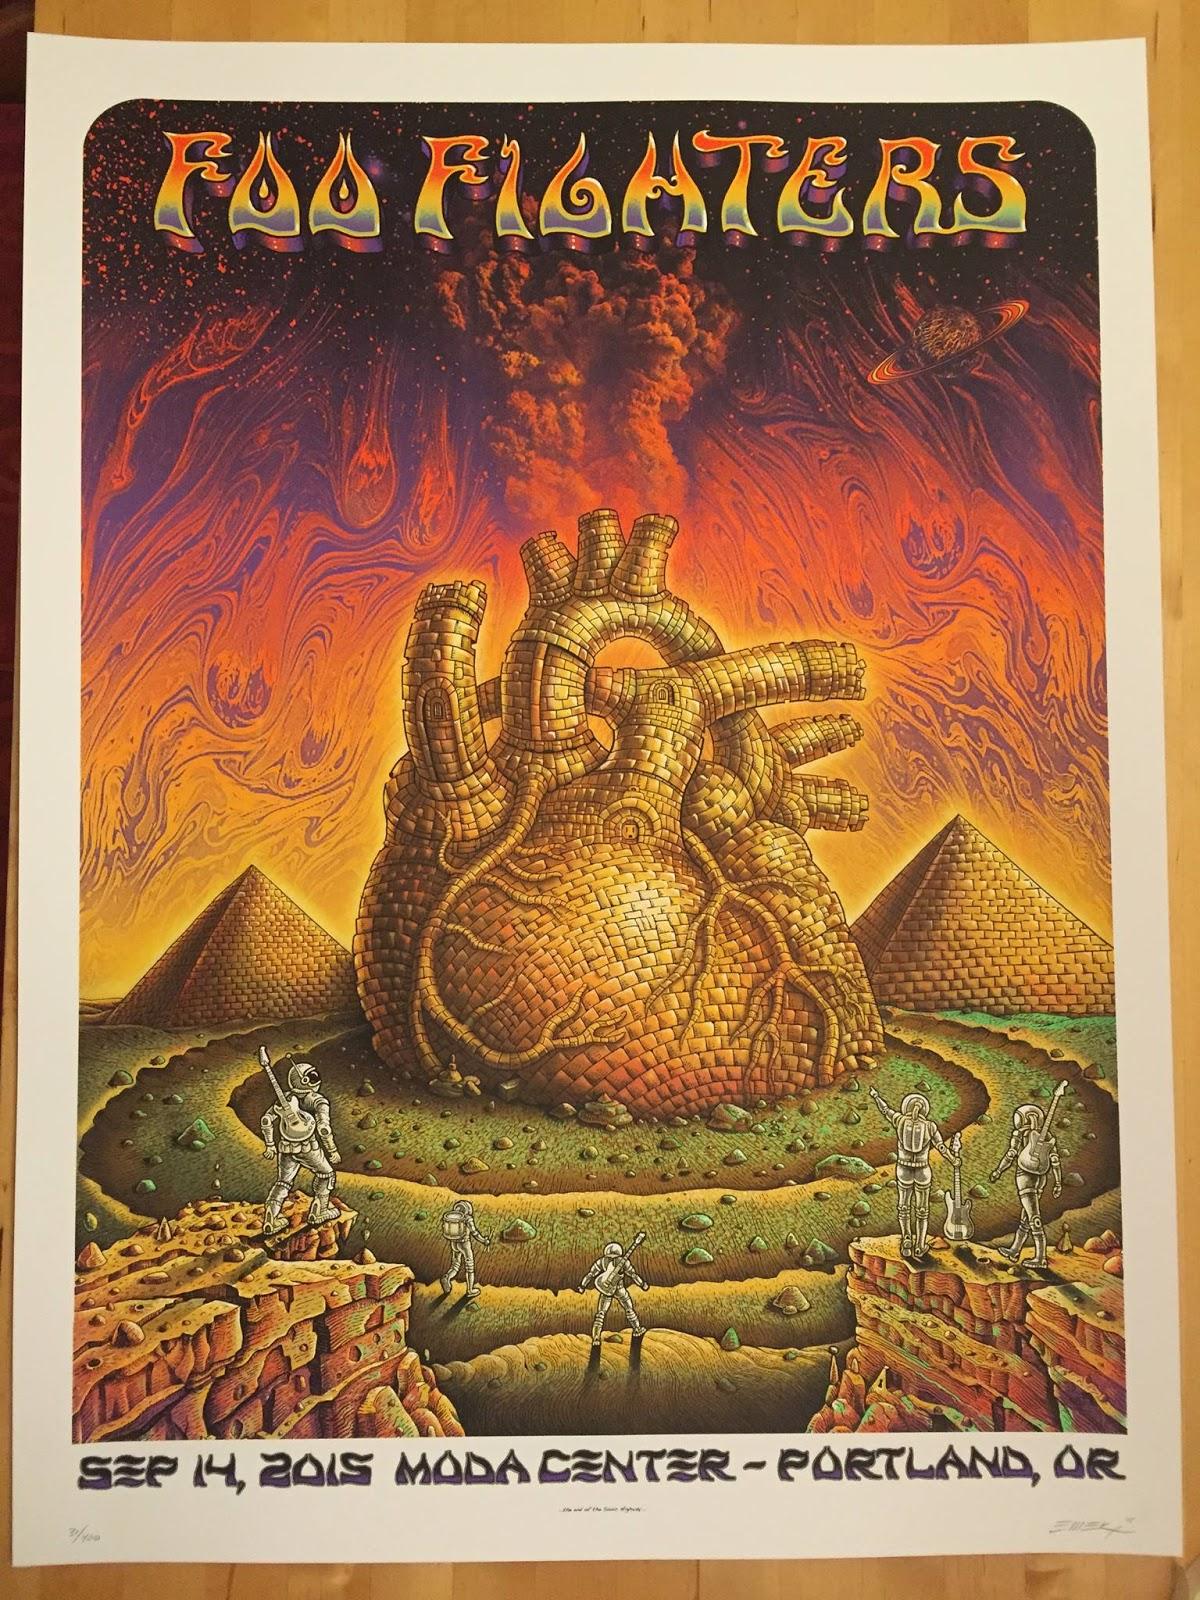 INSIDE THE ROCK POSTER FRAME BLOG: Emek Foo Fighters Portland Poster